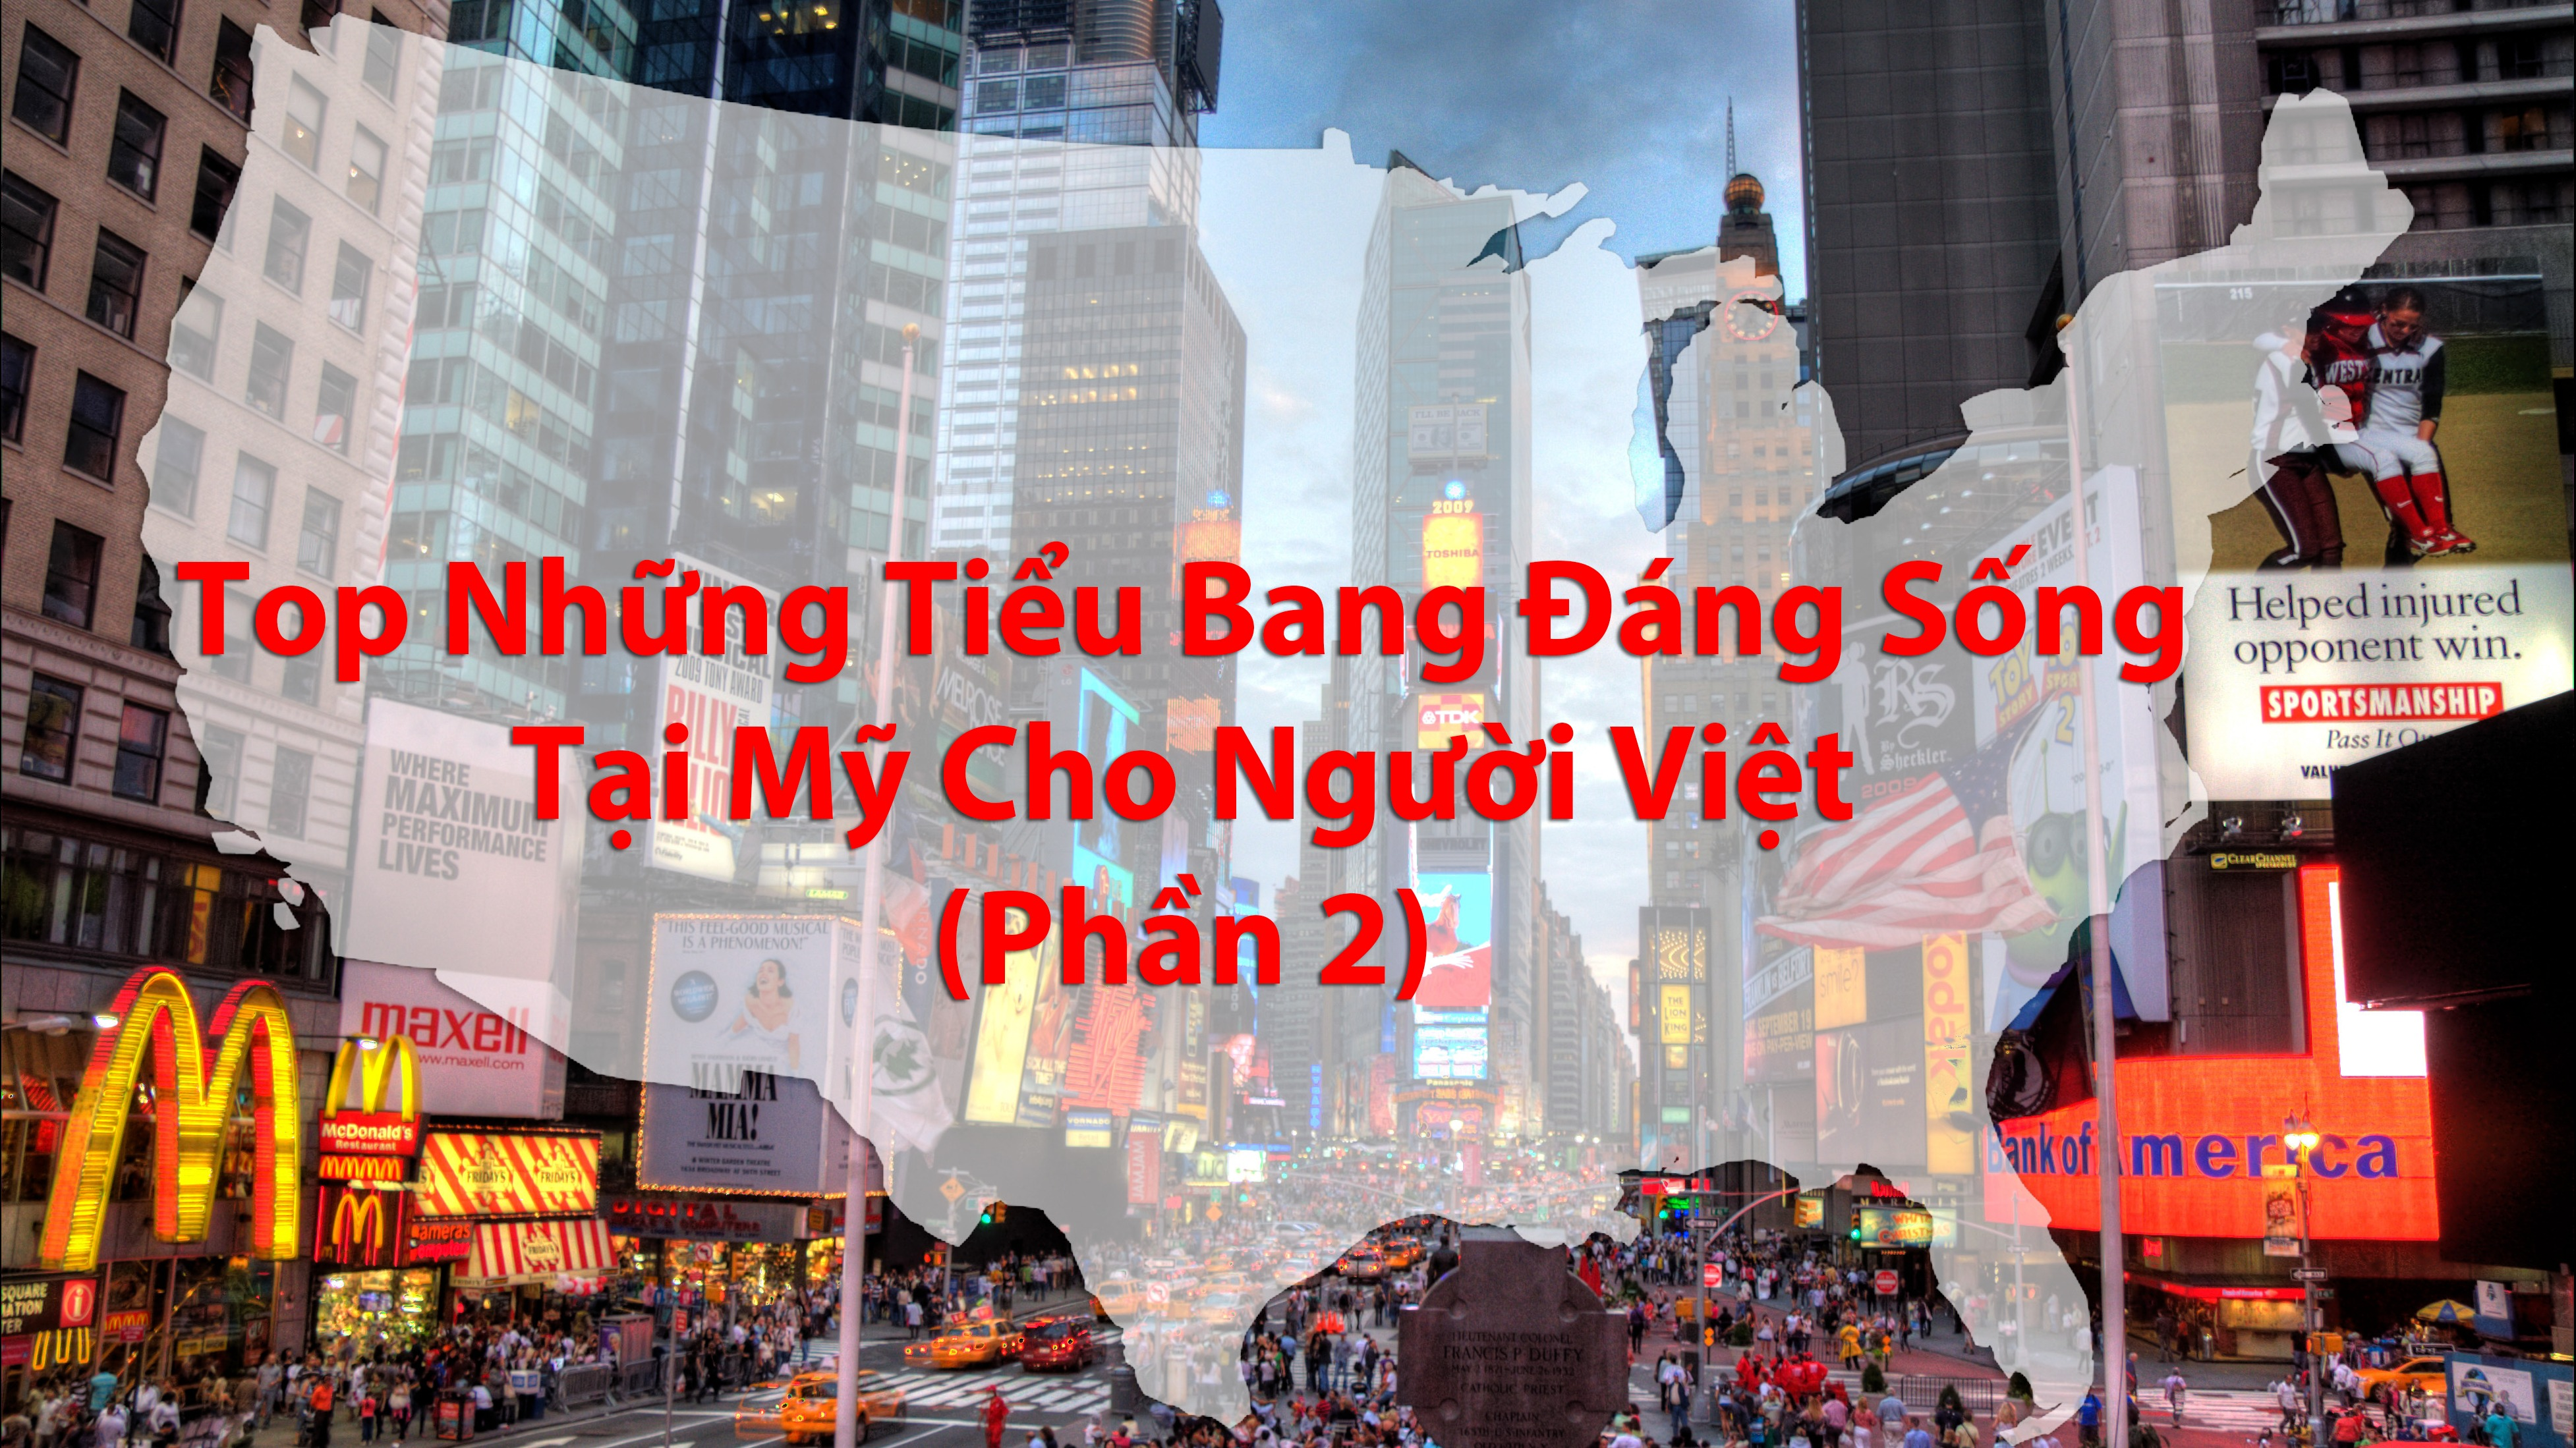 top-nhung-tieu-bang-dang-song-tai-my-cho-nguoi-viet-phan-2